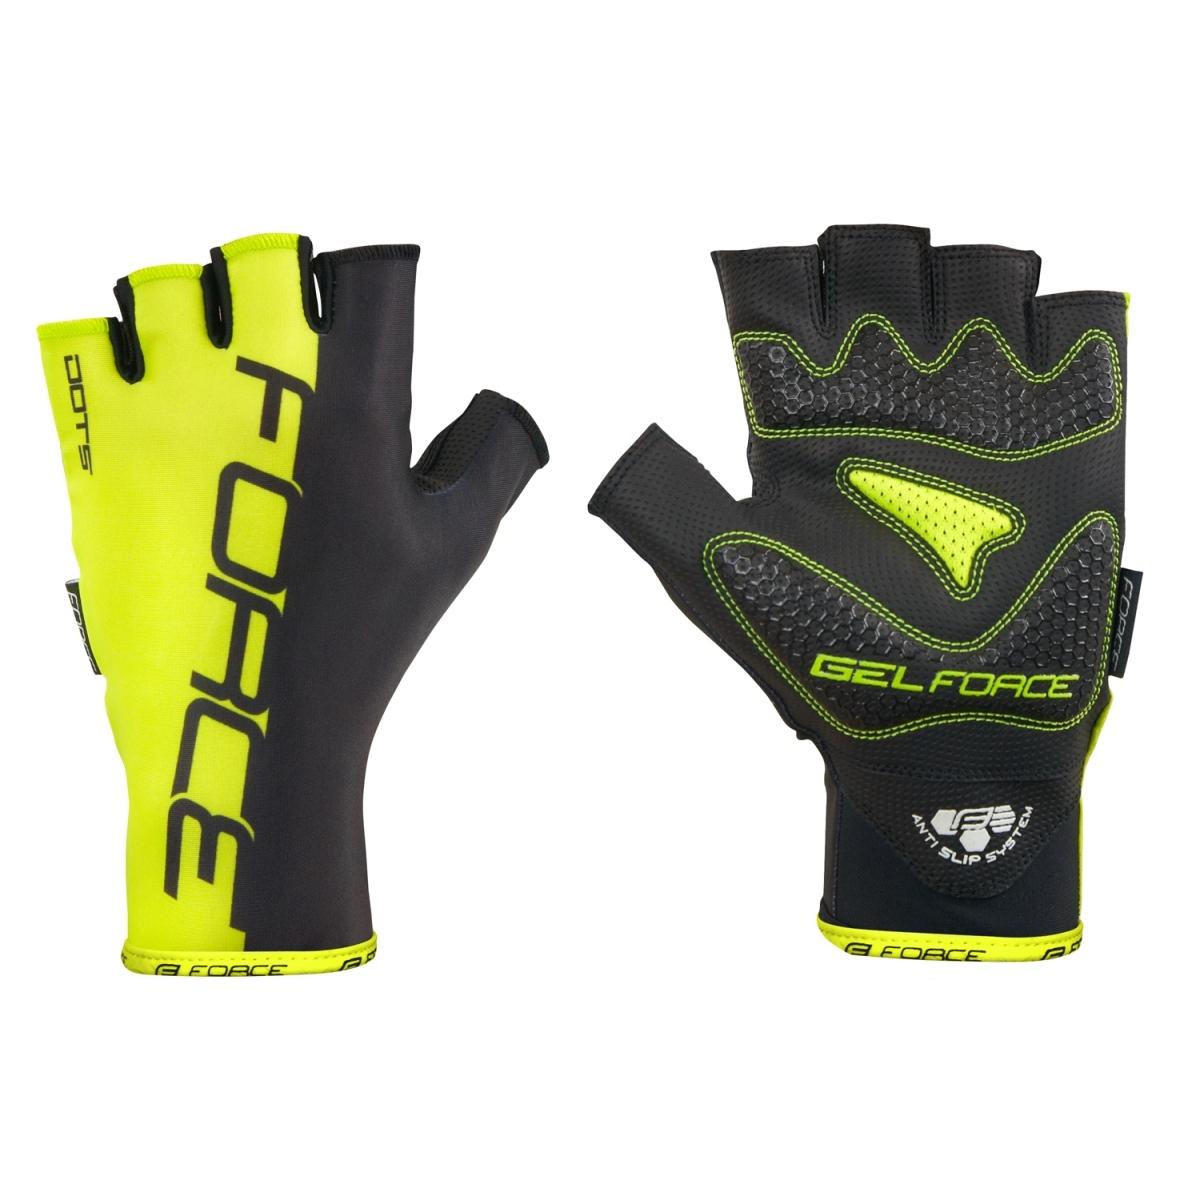 Force rukavice Dots bez zapínání, fluo-černé XL